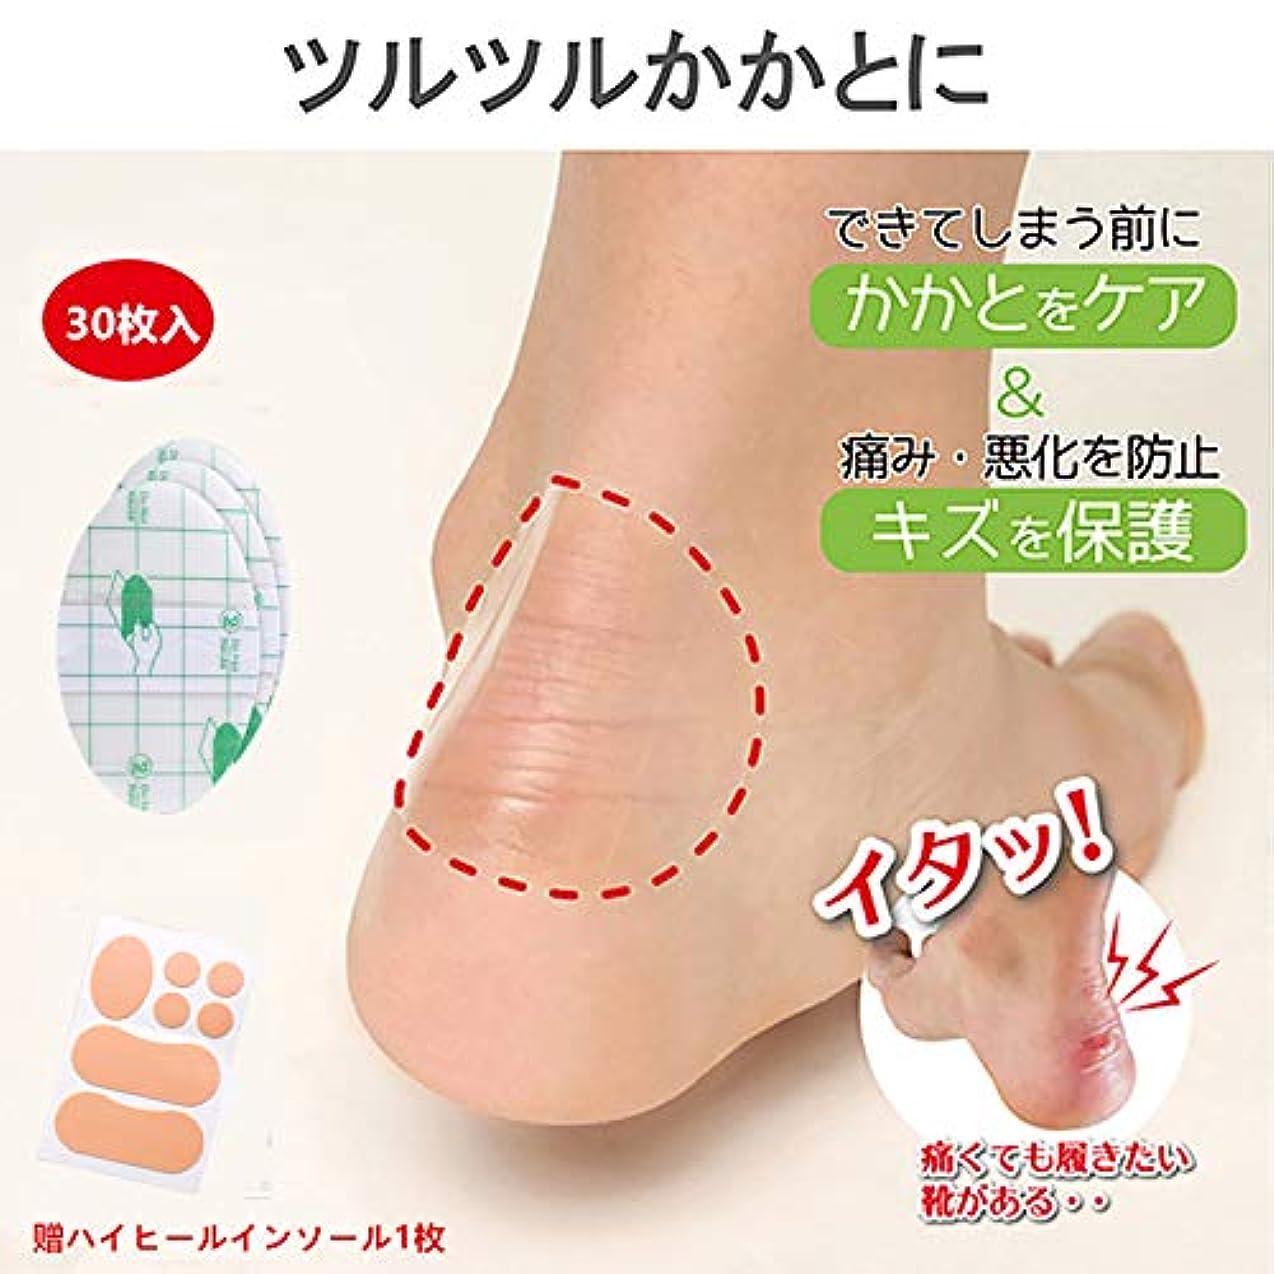 日常的に揃える打撃靴擦れ くつずれ防止 靴擦れケアシート 足首保護パッド ヒールブリスター防止 ヒールとガードスキン ブリスターパッド より速い癒しの創傷 30枚入